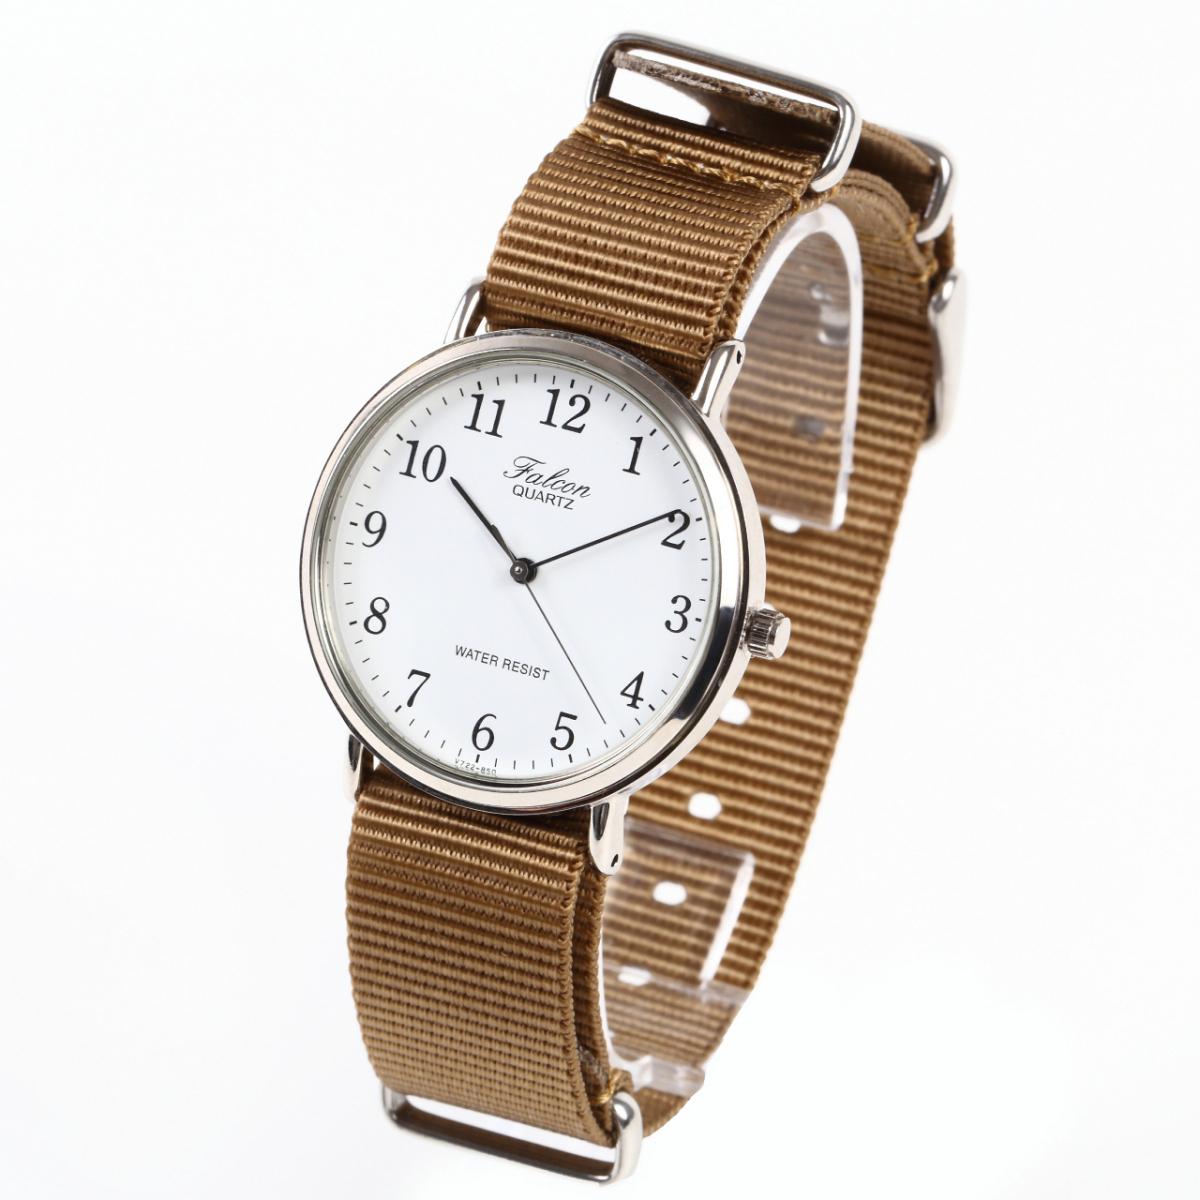 時計ベルト NATO シルバーバックル ショートサイズ 18mm 5本セット 取付けマニュアル 腕時計バンド_画像2